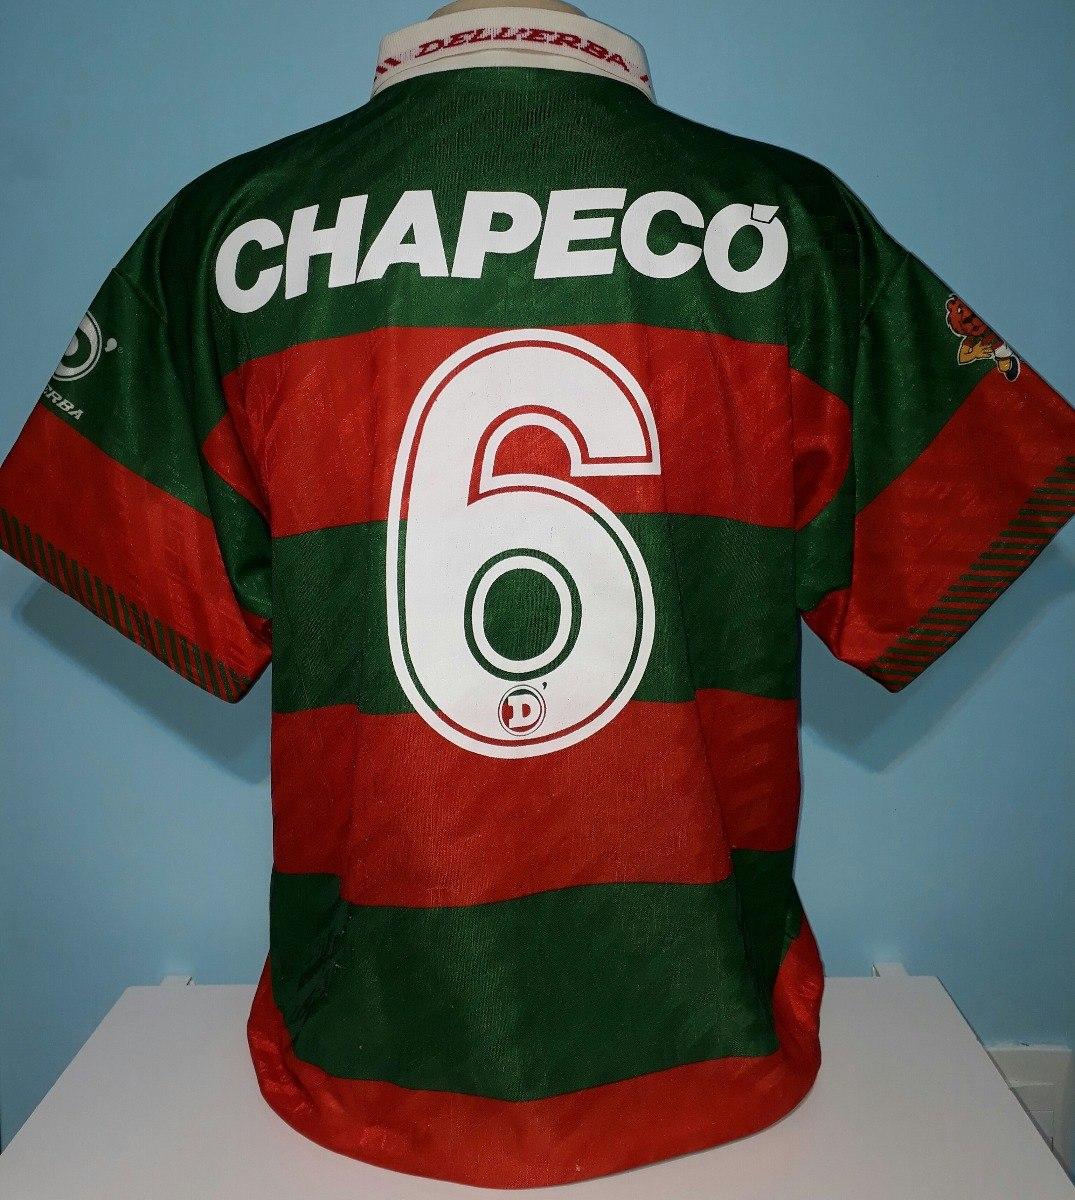 camisa portuguesa chapecó original 1995 lusa impecável - 88. Carregando  zoom. e99fbbe1c964d